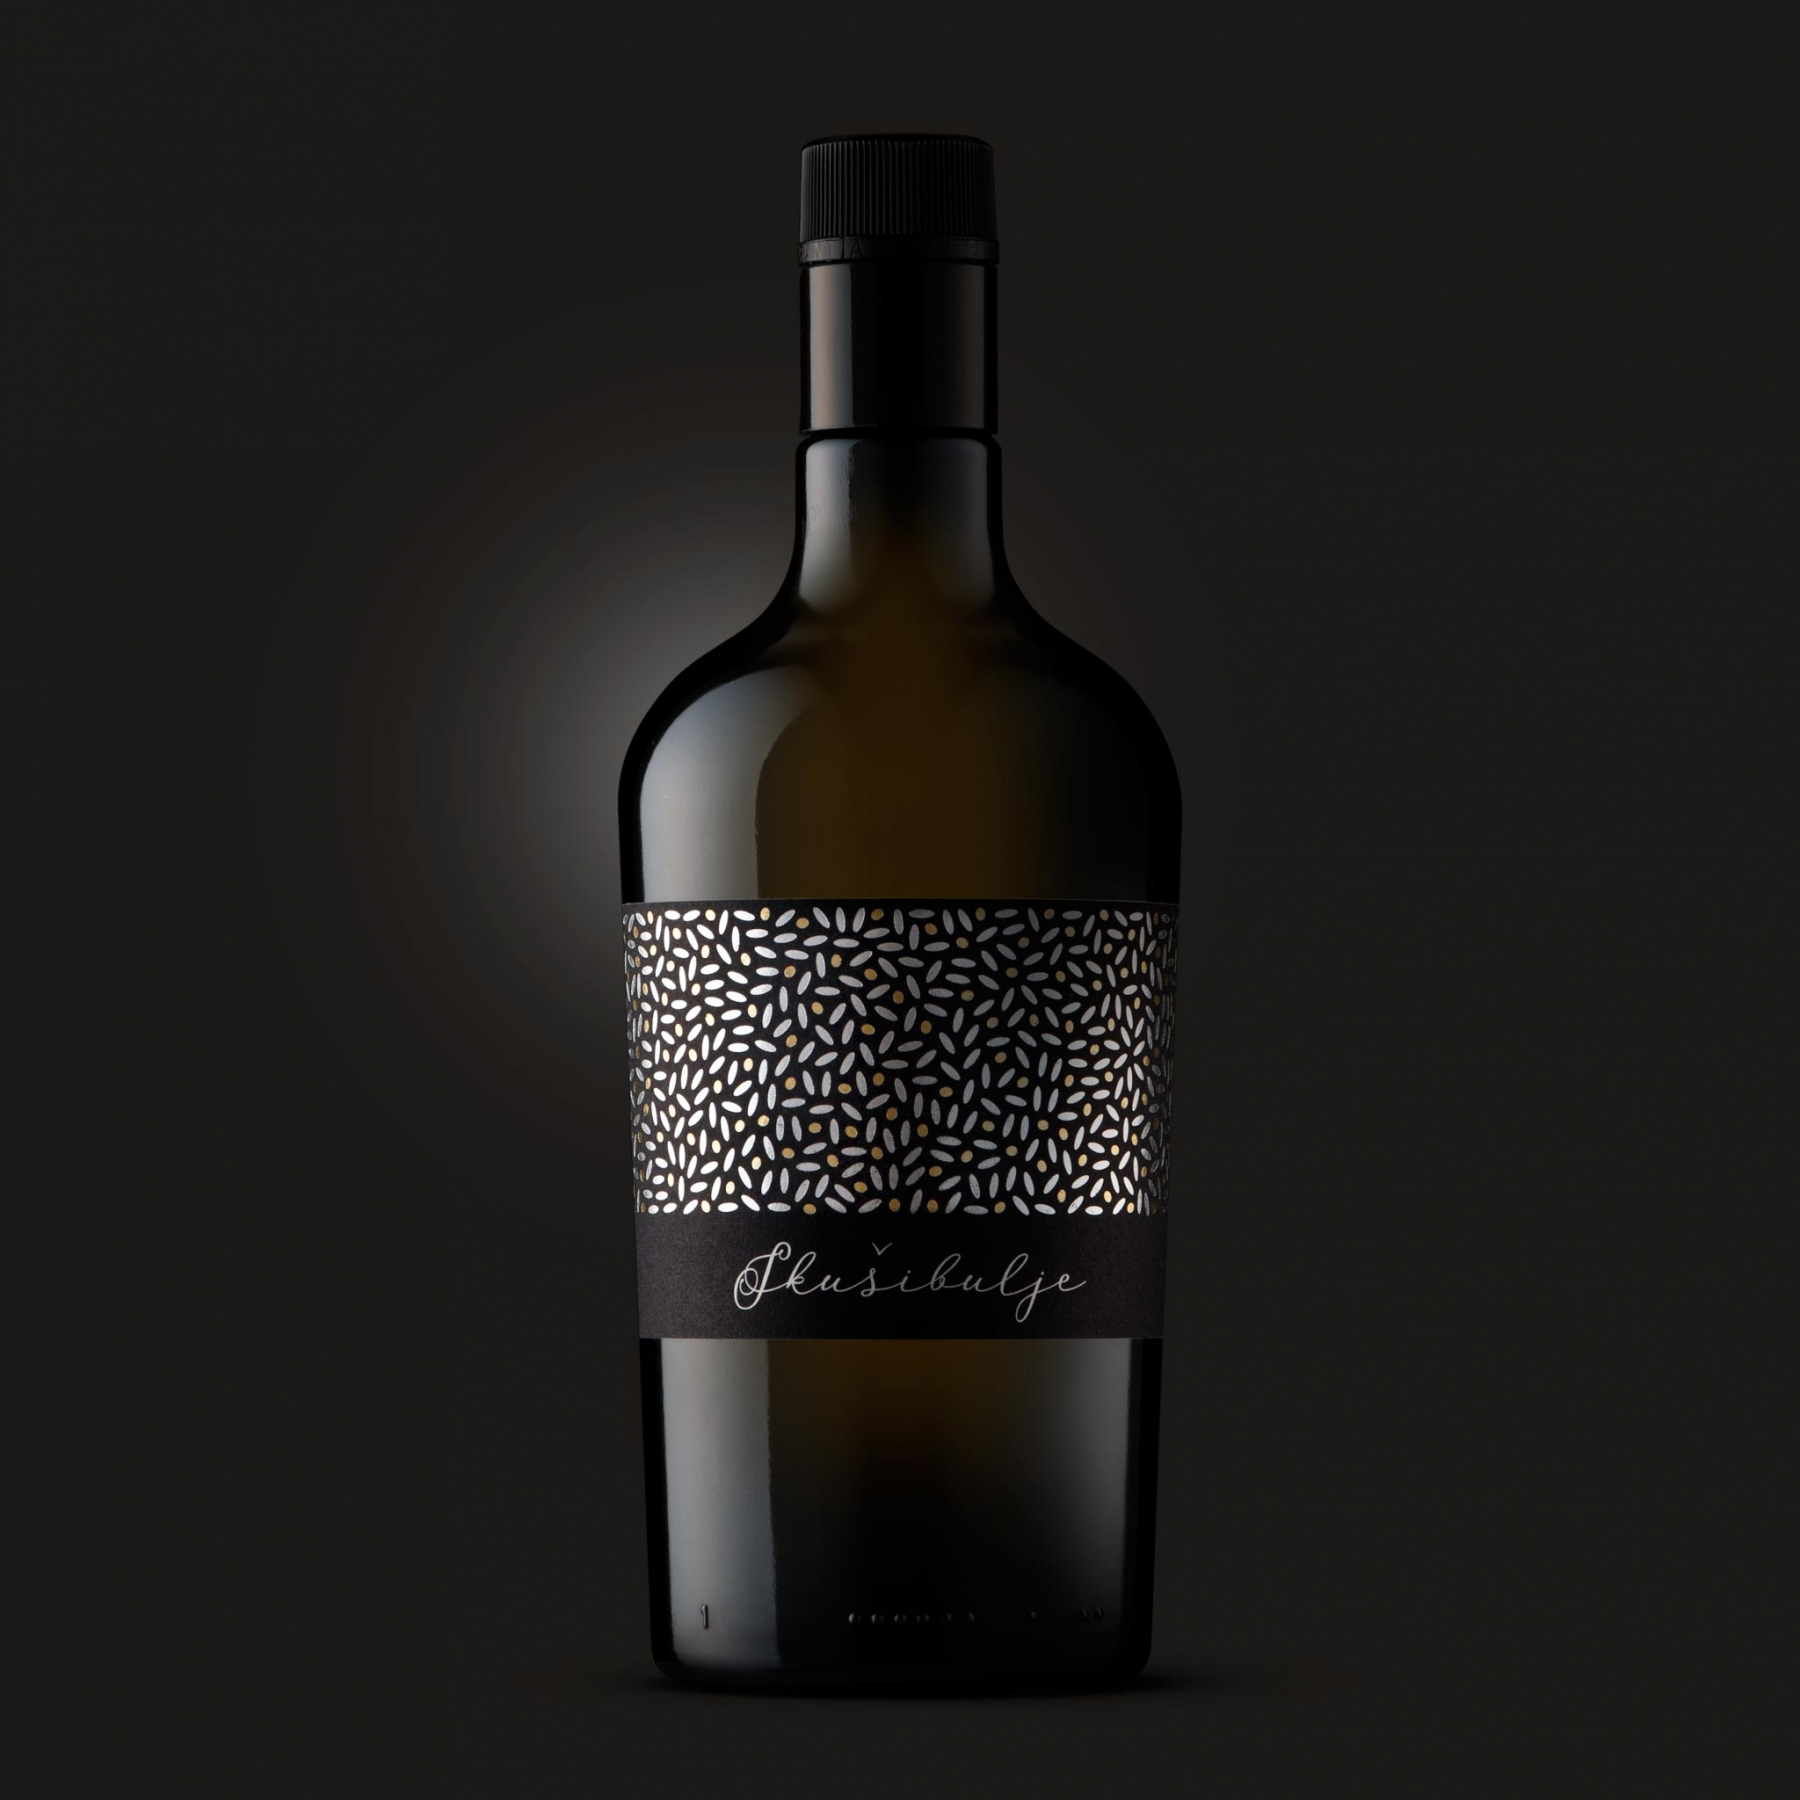 Zasnovali in oblikovali smo etiketo za briško oljčno olje Skušibulje. Motiv izhaja iz stiliziranega pogleda na (srebrne) liste in (zlate) sadeže oljke. · Naročnik: Luka Fornazarič · Zasnova in izris motiva za etiketo ter oblikovanje etikete: Marijan Močivnik · 2018